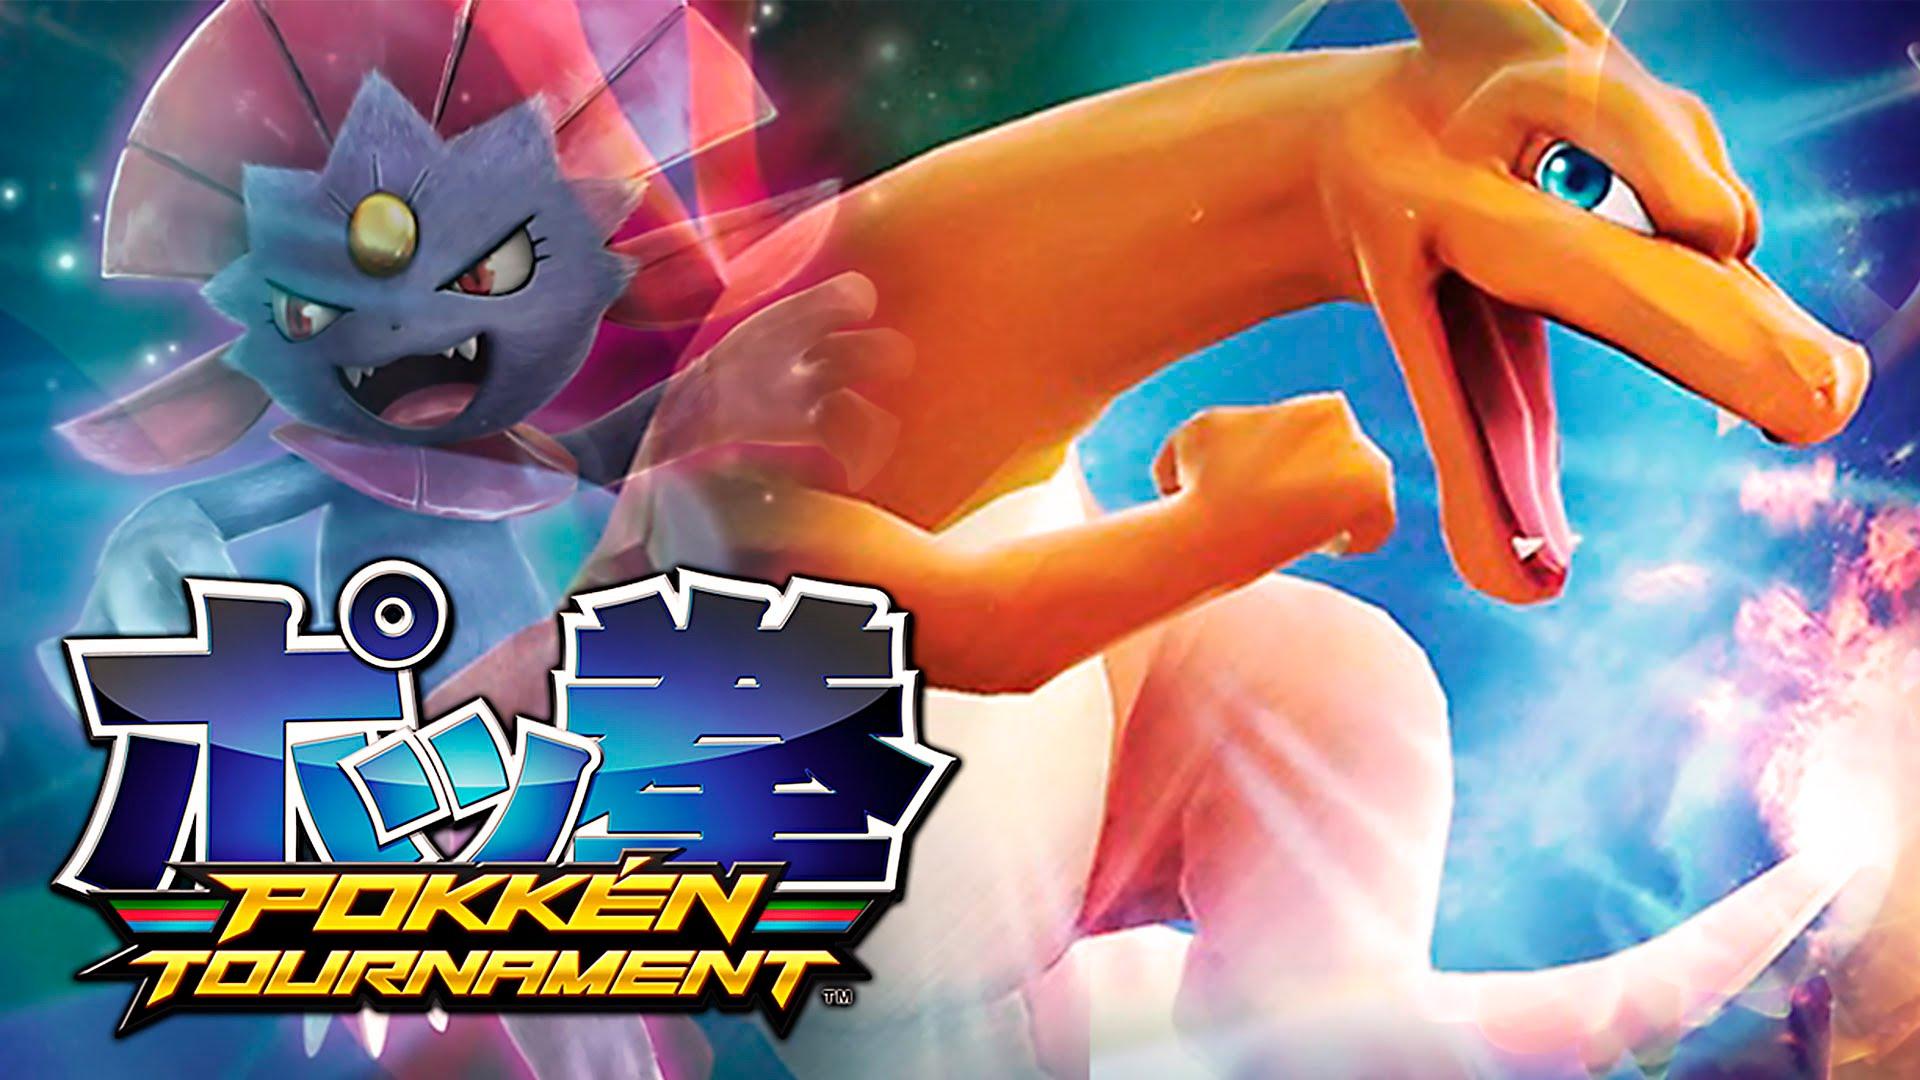 Bandai Namco punit les rageux sur Pokkén Tournament